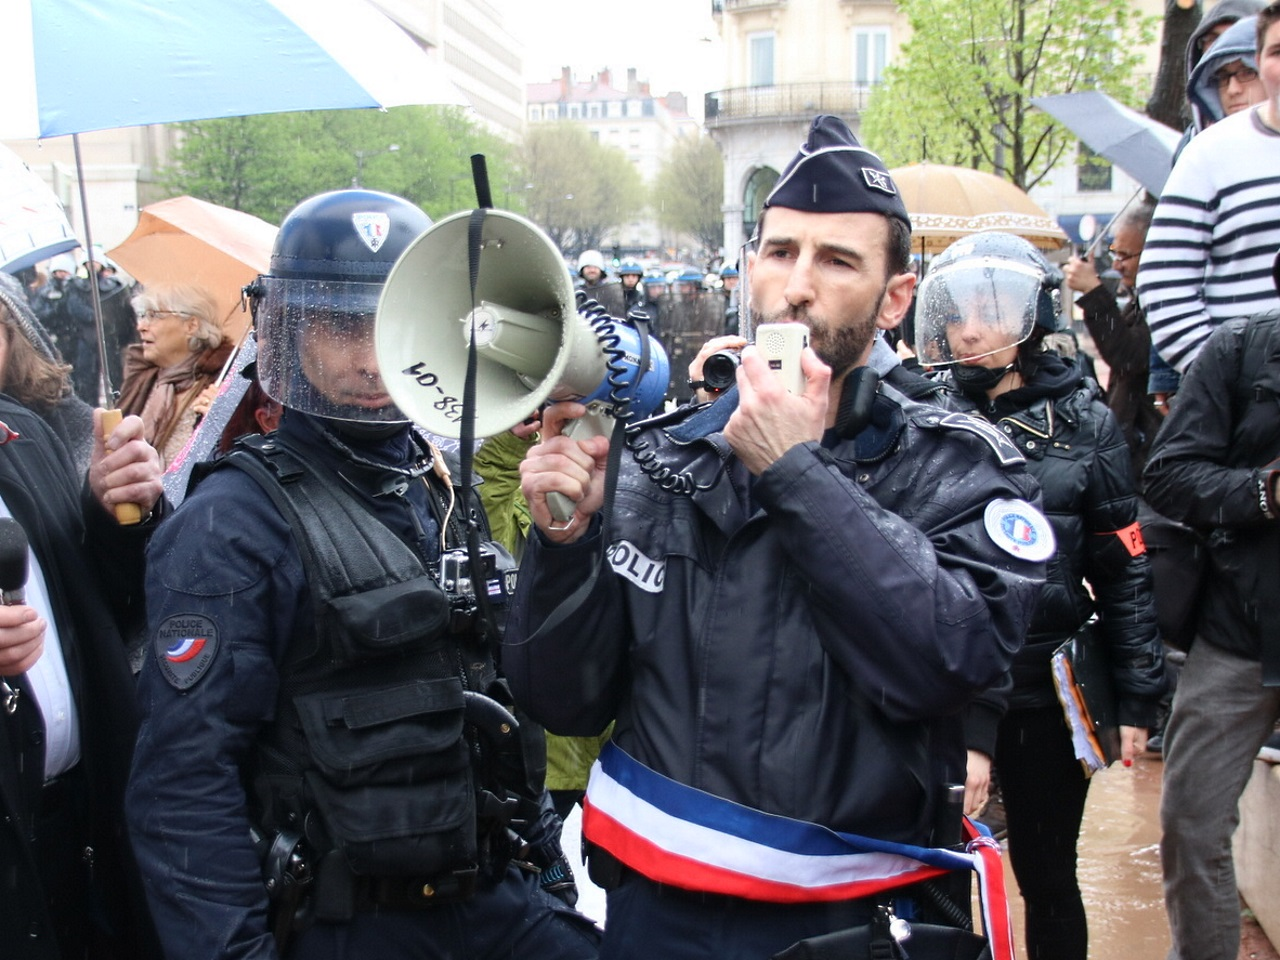 Le commissaire touché par une pierre annonce la suspension de la manifestation - LyonMag